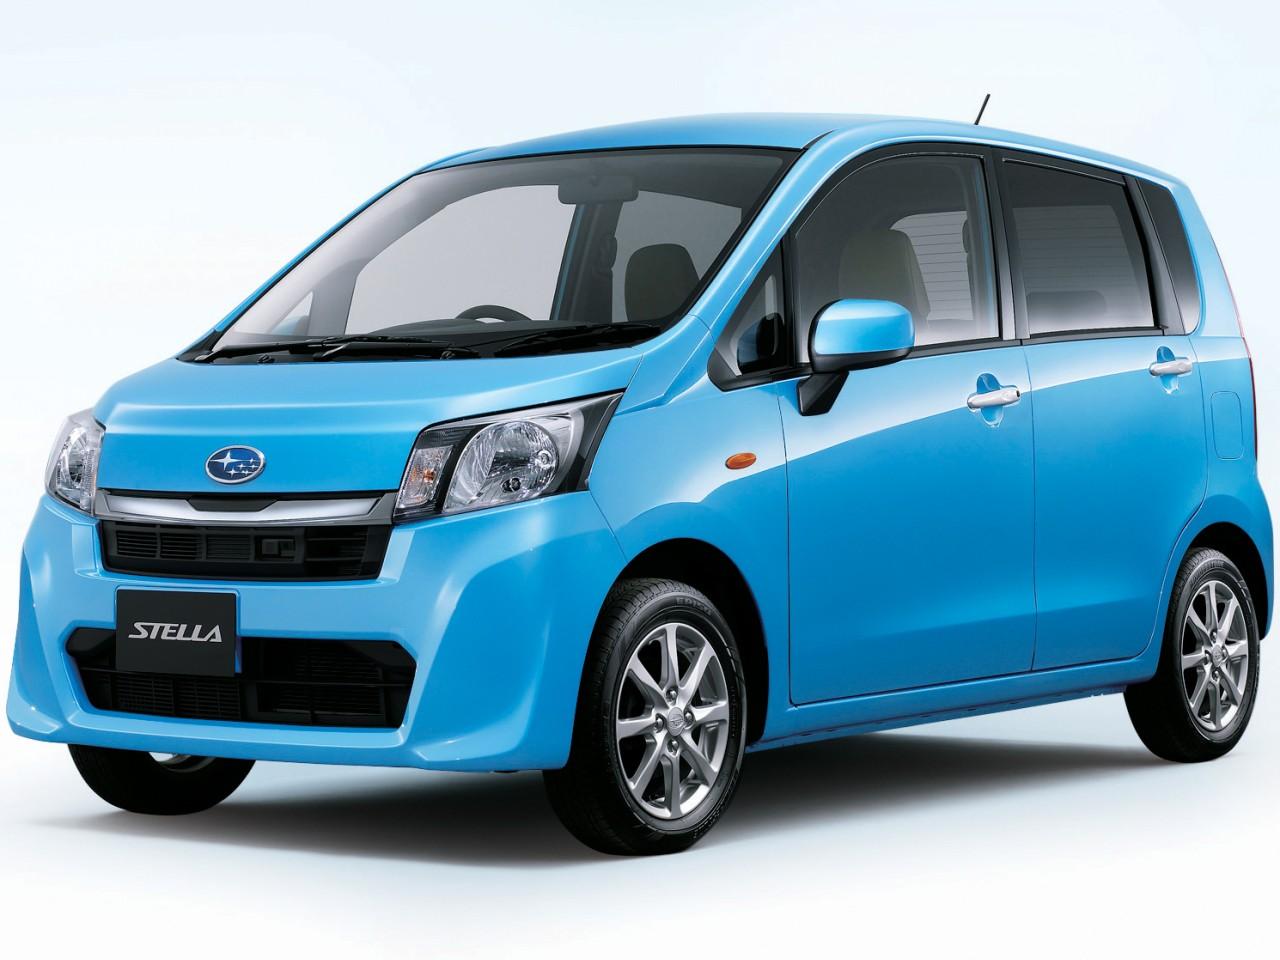 スバル ステラ 2011年モデル 新車画像